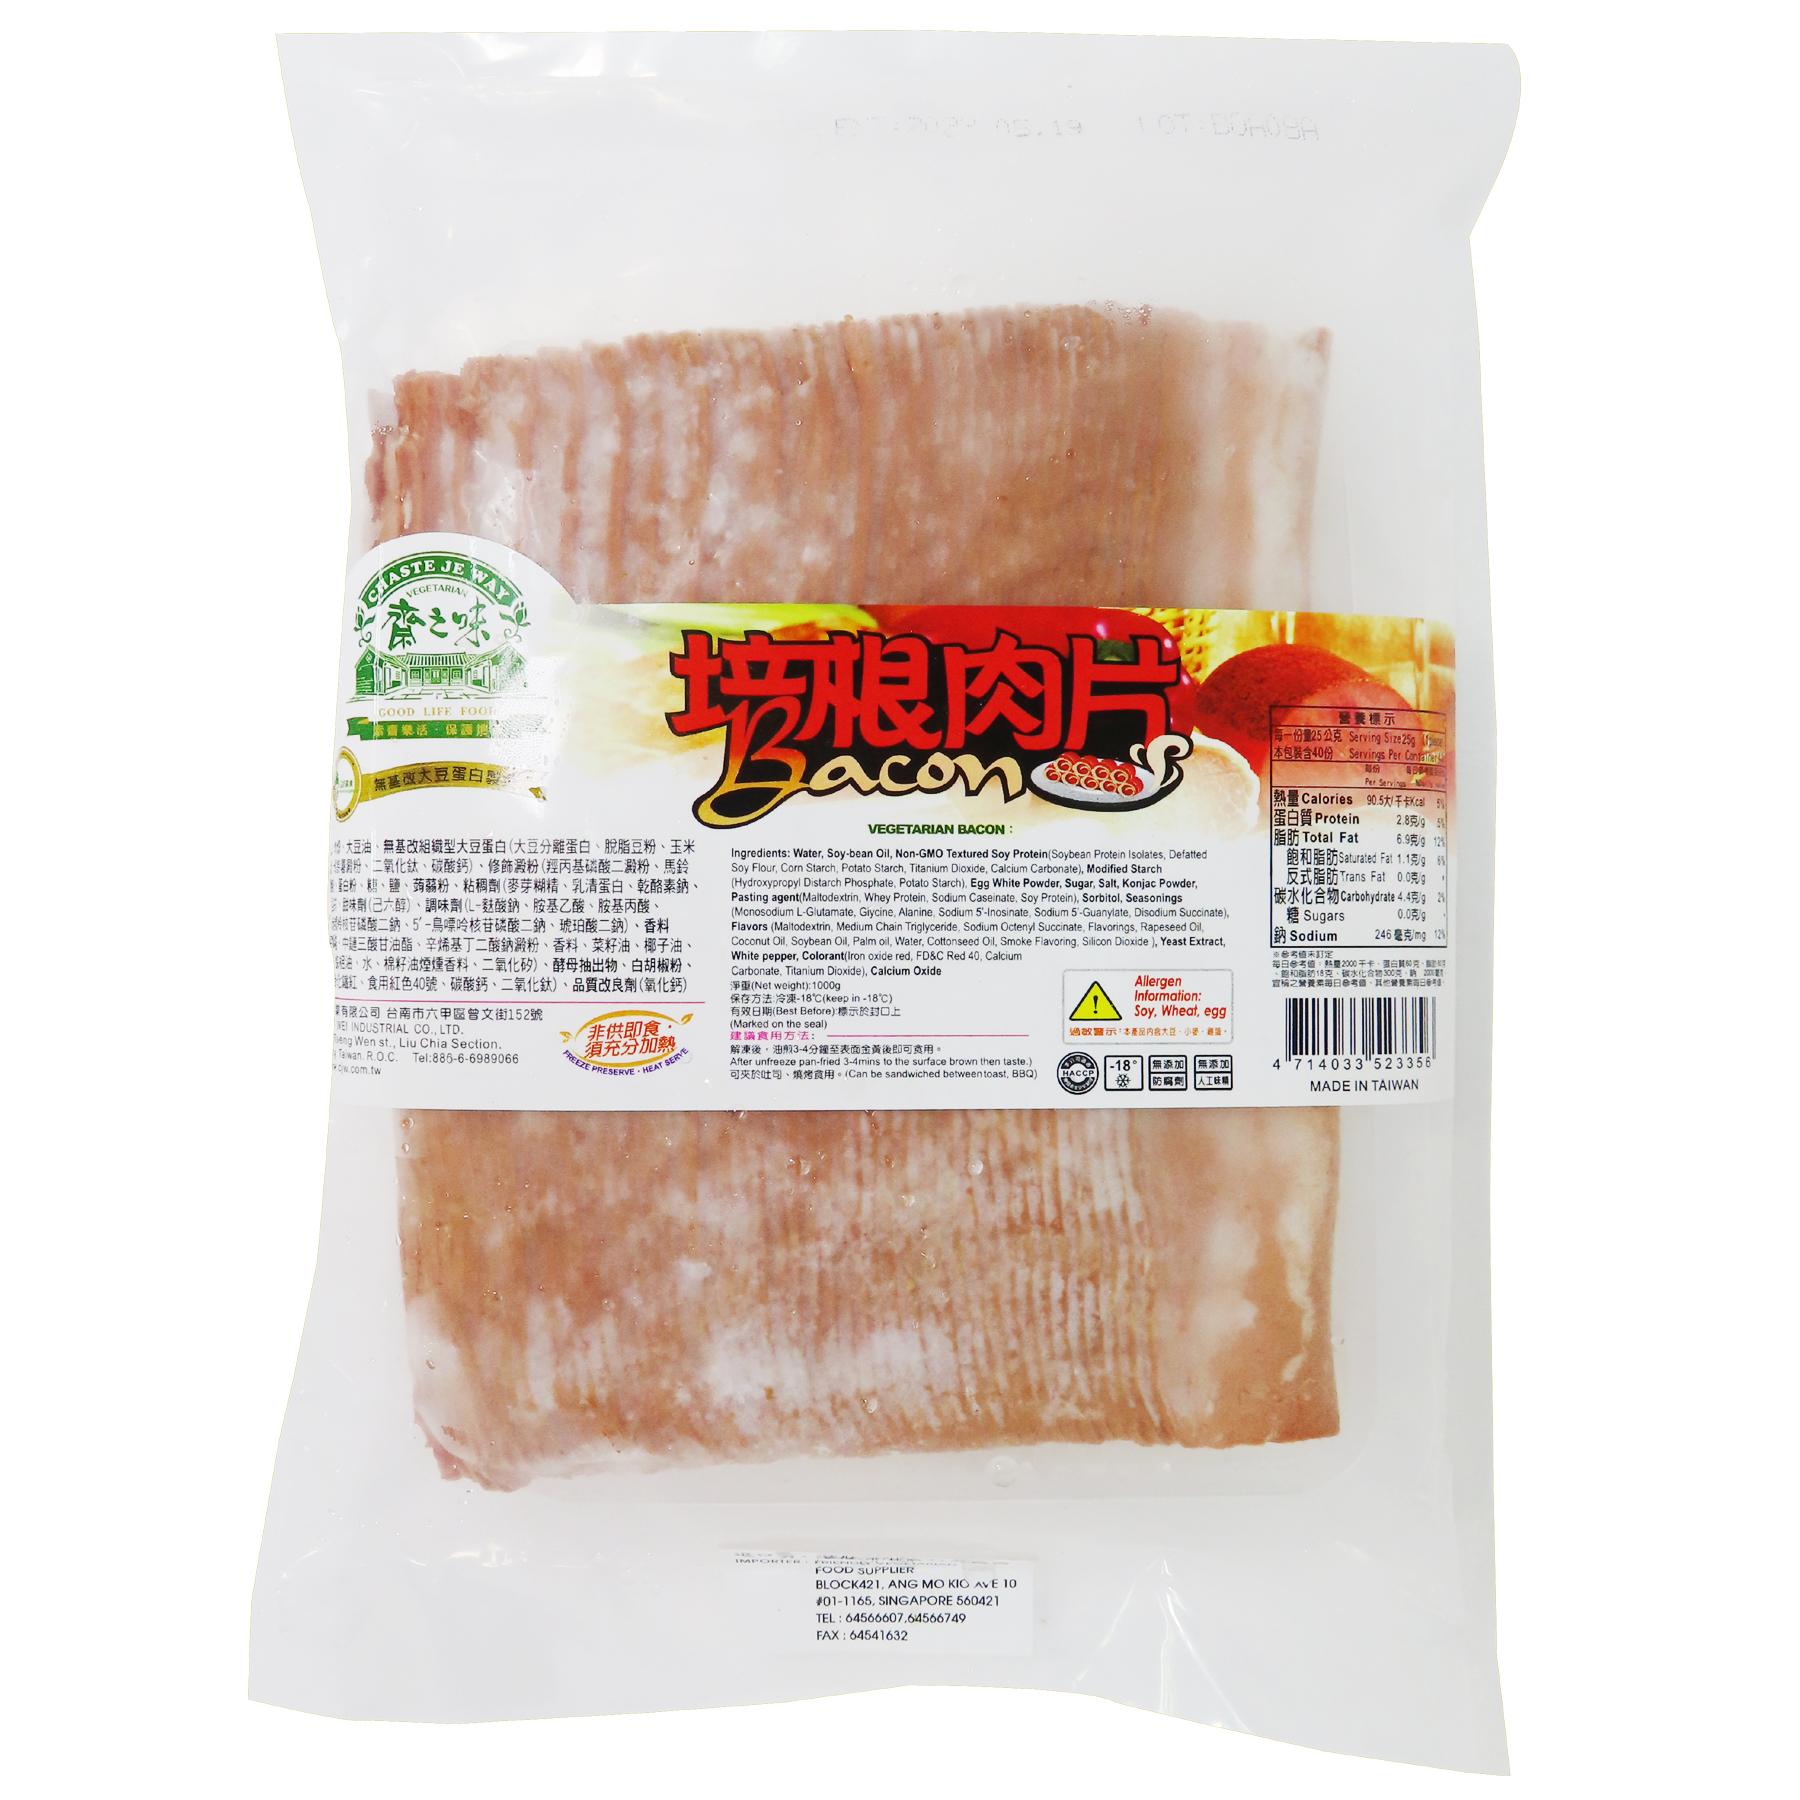 Image Bacon 斋之味 - 培根肉片1000grams